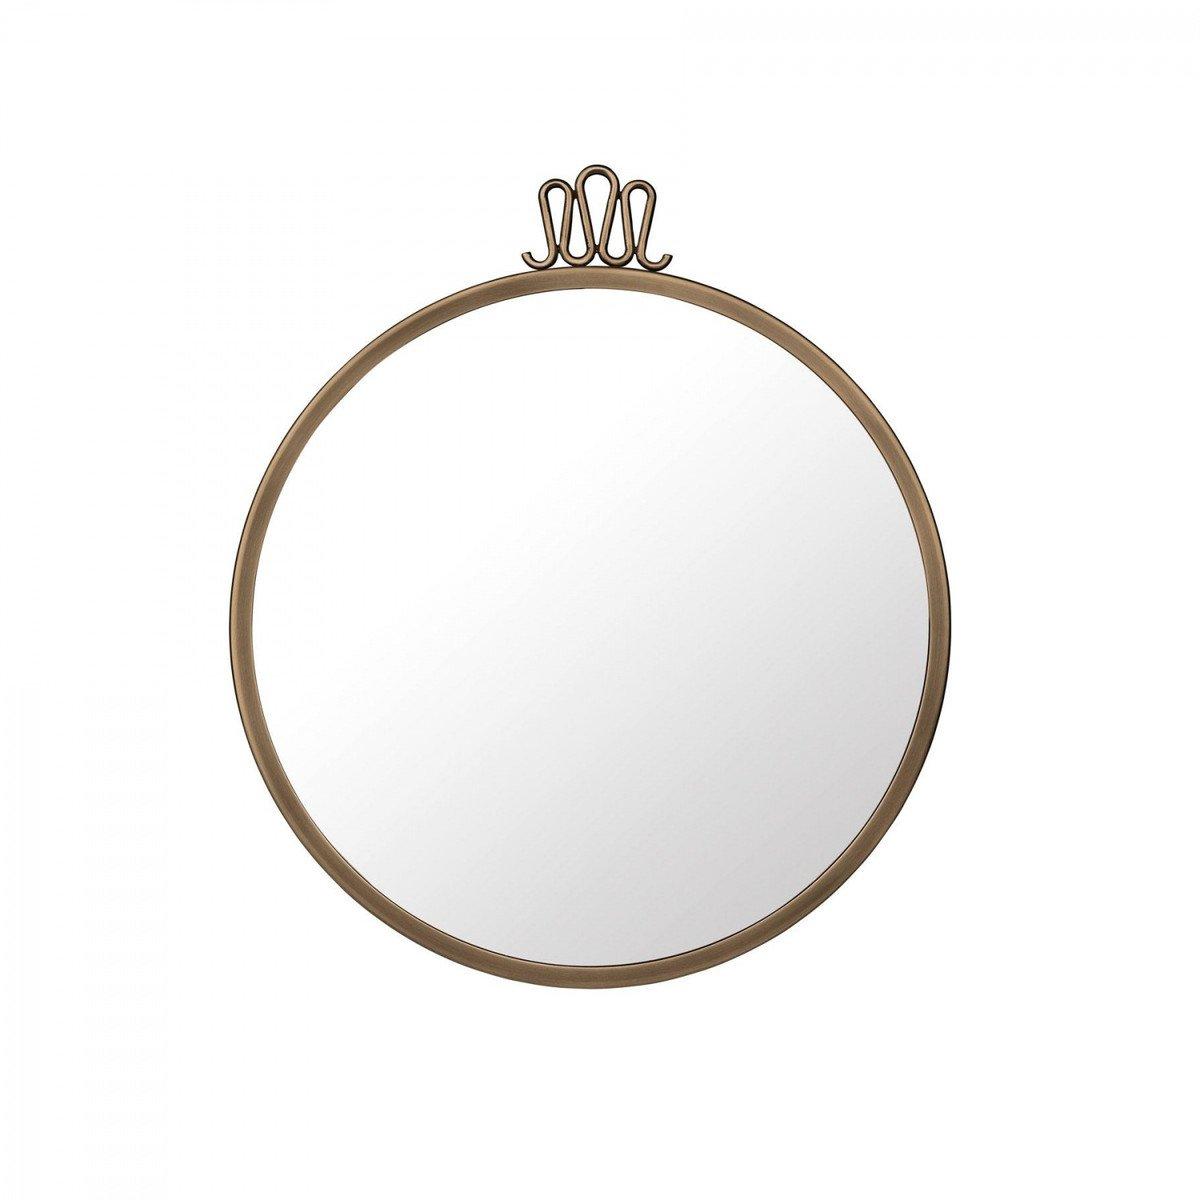 Gubi Spiegel gio ponti randaccio muur spiegel gubi ambientedirect com